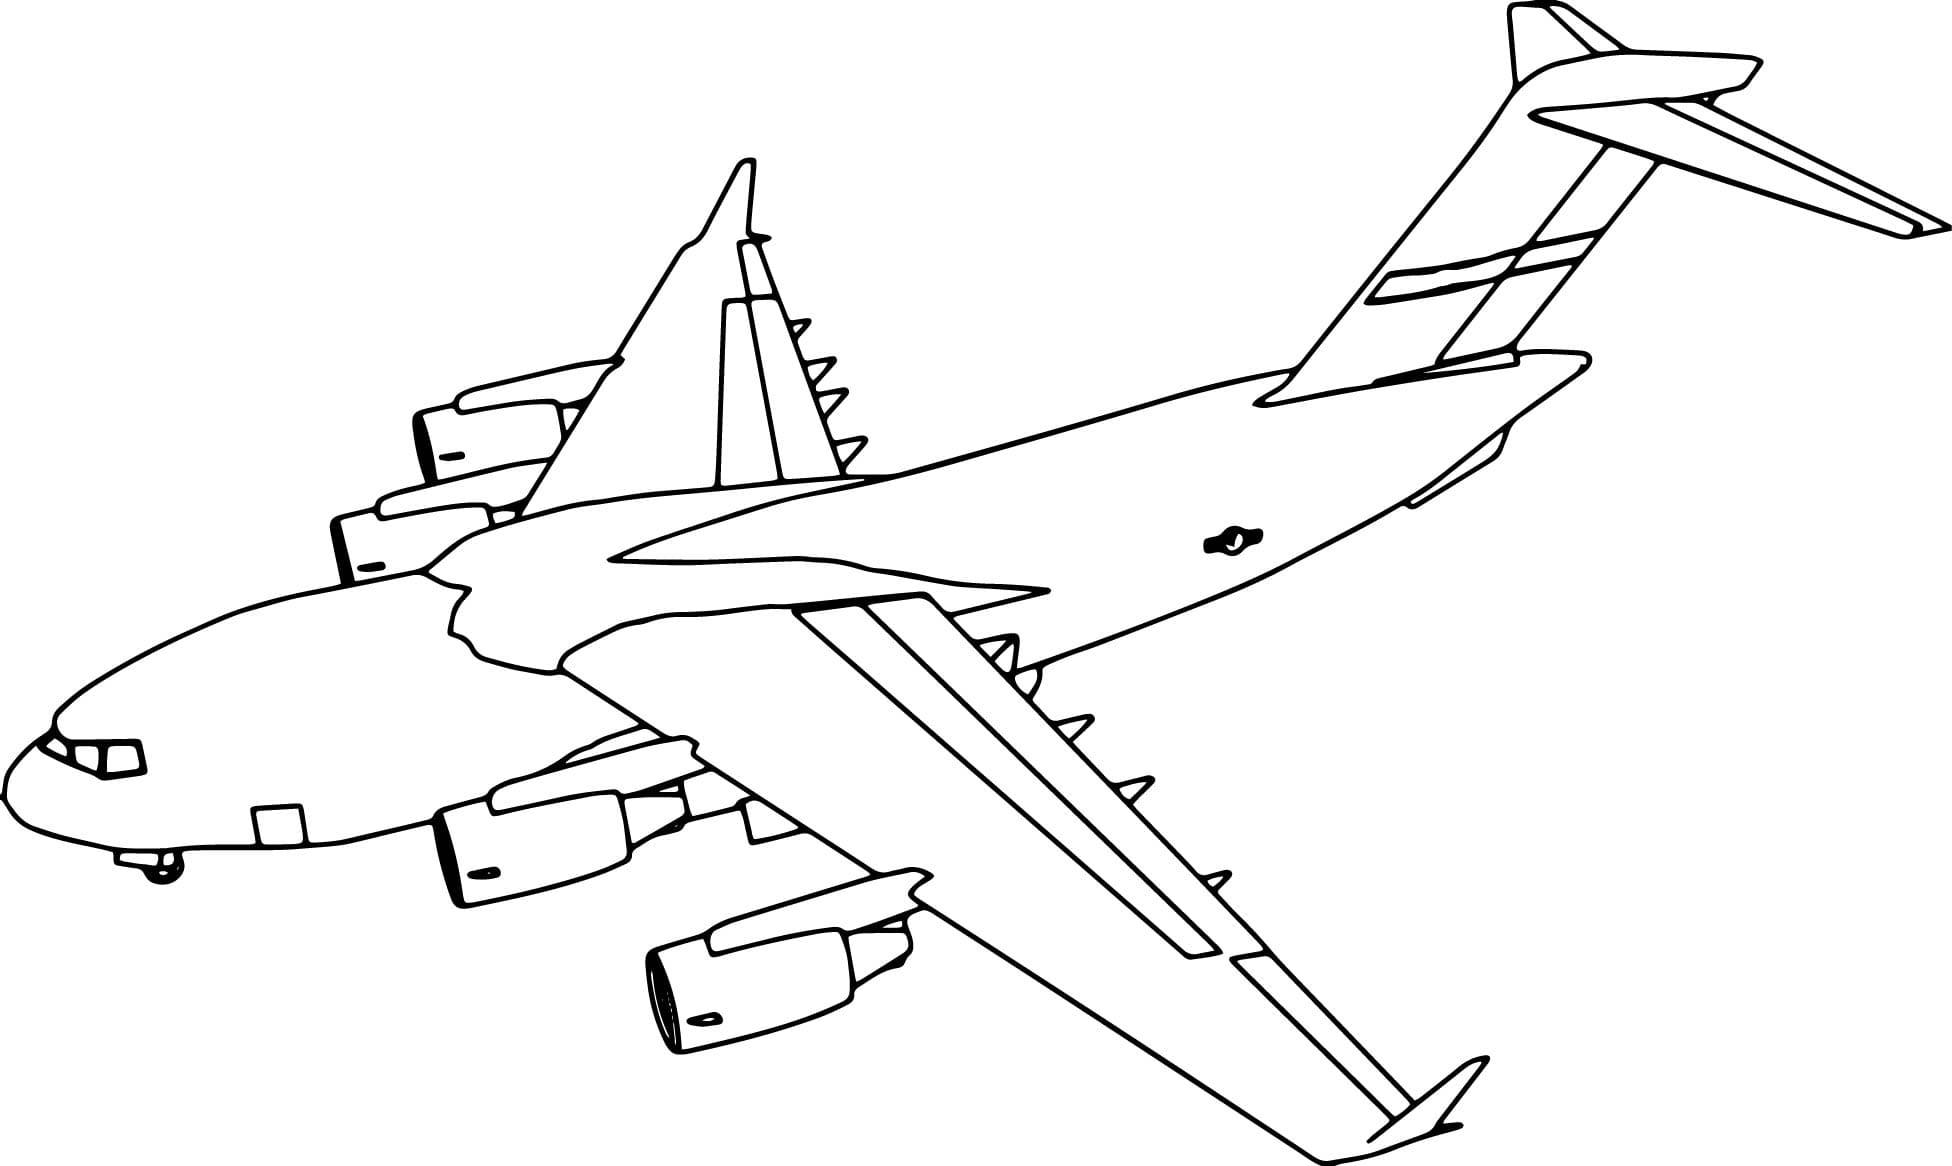 раскраски самолётов для мальчиков распечатать можно онлайн